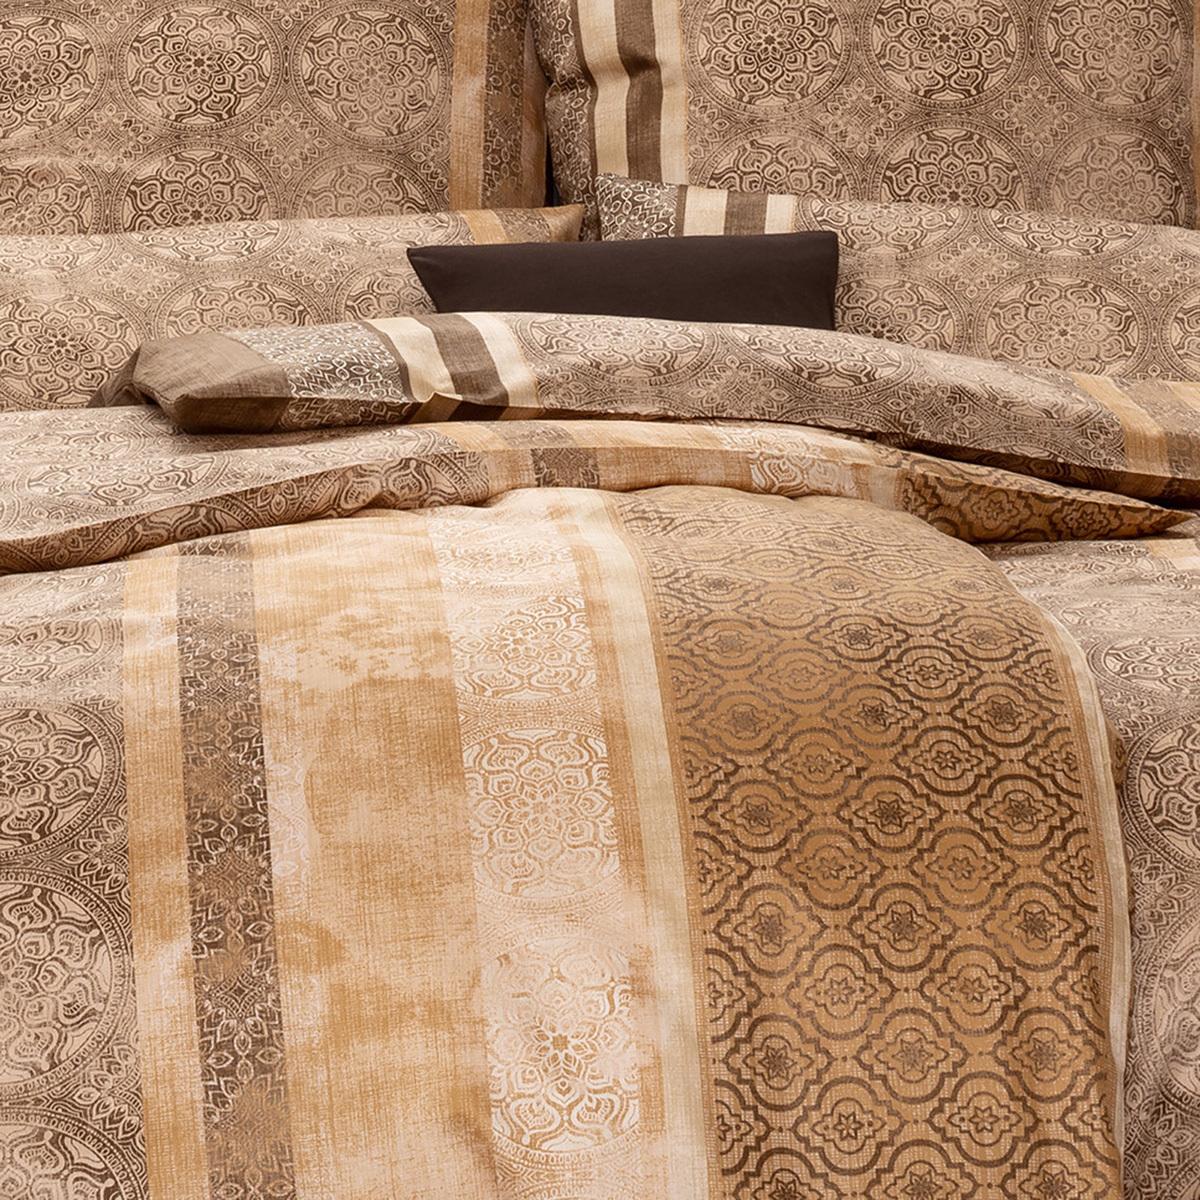 estella mako satin bettw sche mailo sand g nstig online kaufen bei bettwaren shop. Black Bedroom Furniture Sets. Home Design Ideas